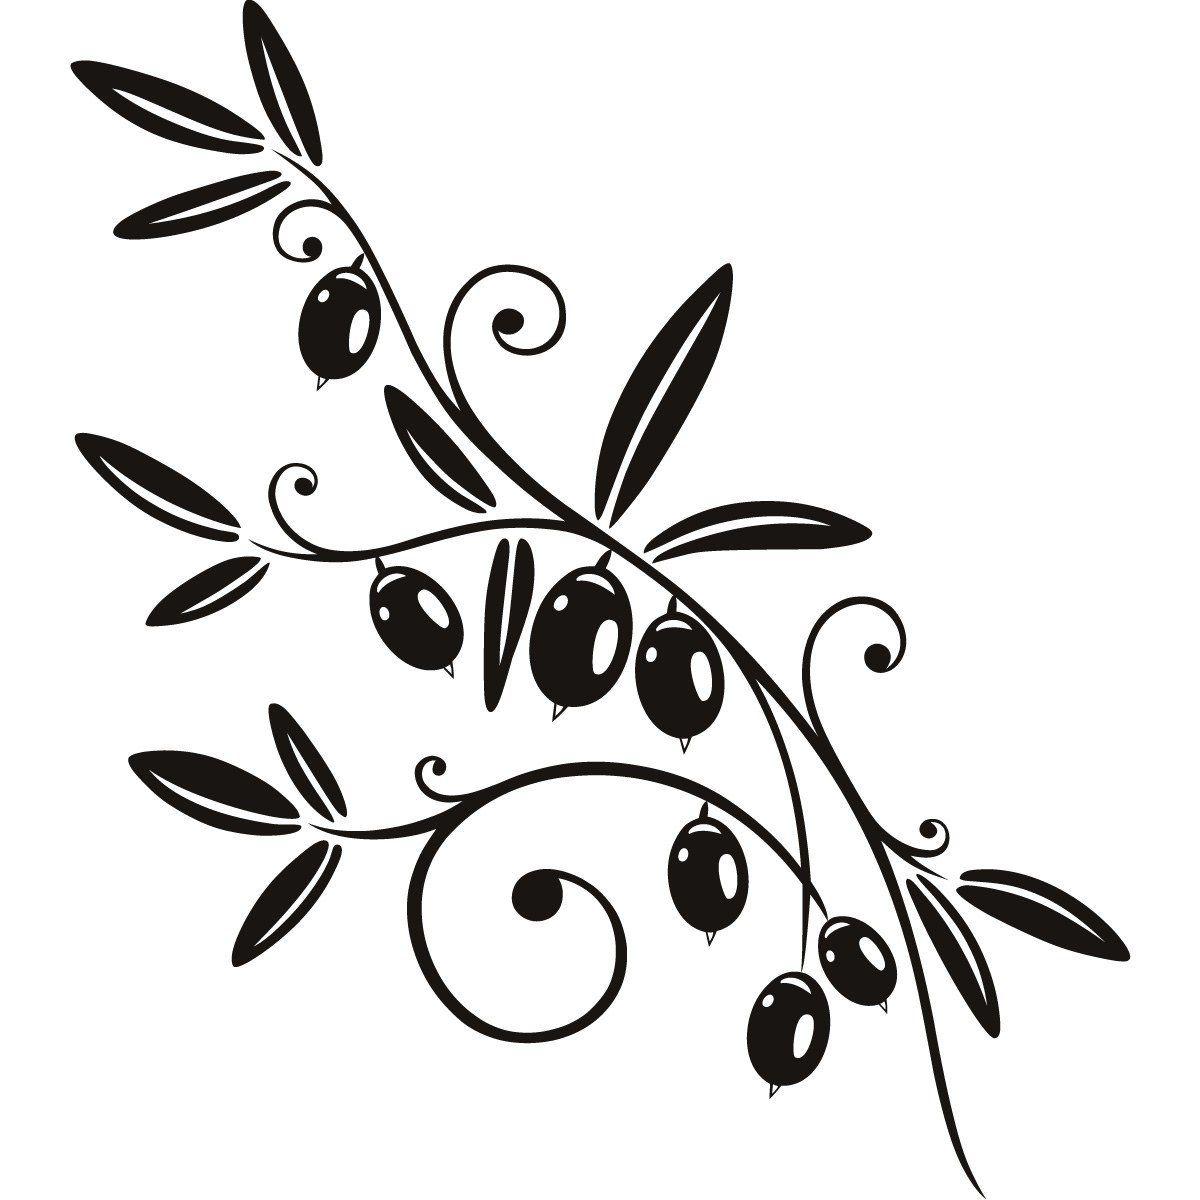 olivo dibujo buscar con google foodtruck olivo olivo arbol ve dibujos. Black Bedroom Furniture Sets. Home Design Ideas